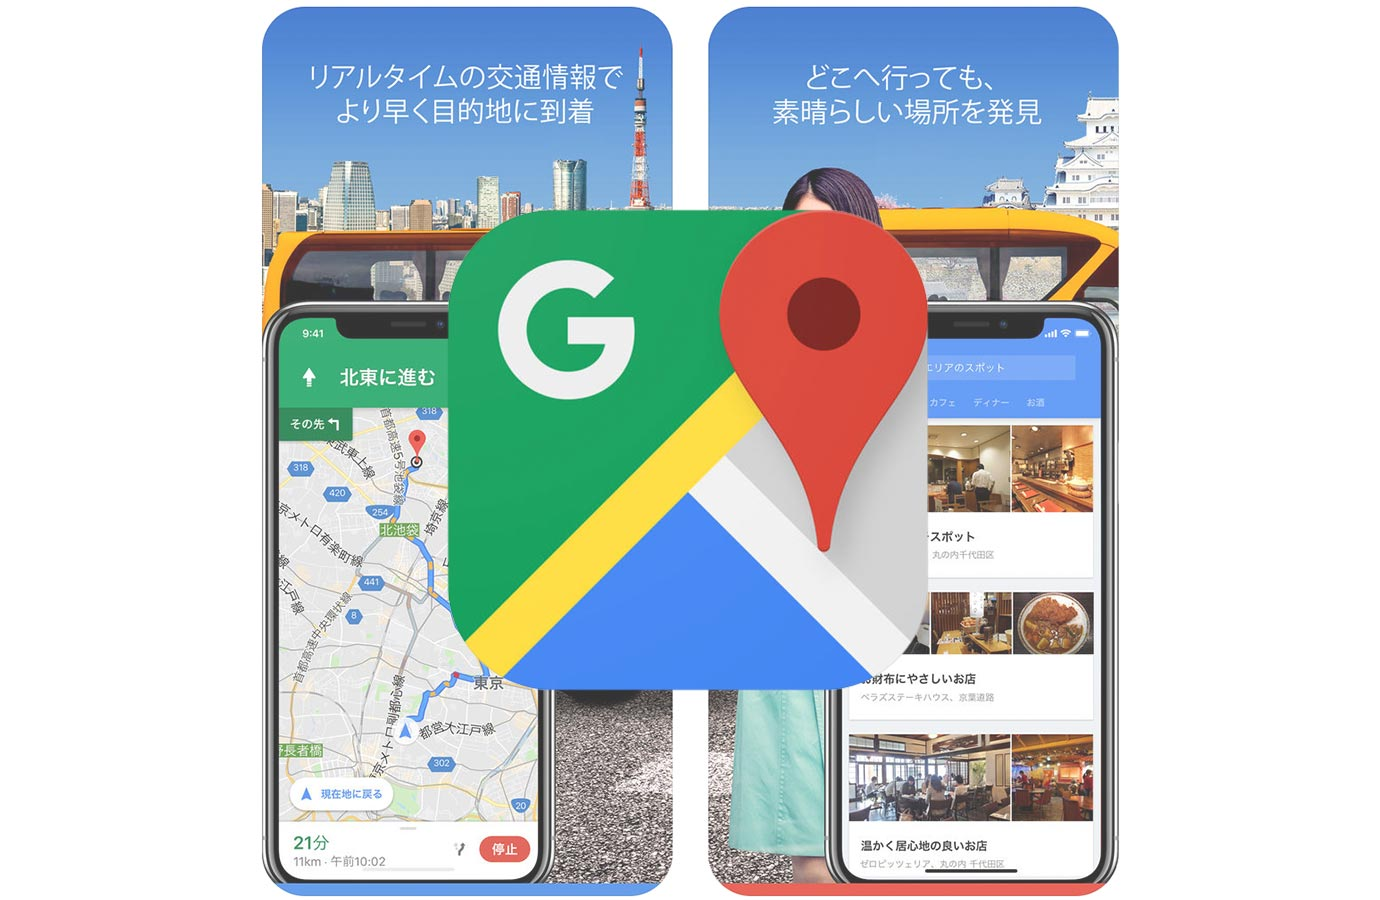 iOSアプリ「Google マップ」がアップデート、移動所要時間ウィジェットにショートカットが追加可能に